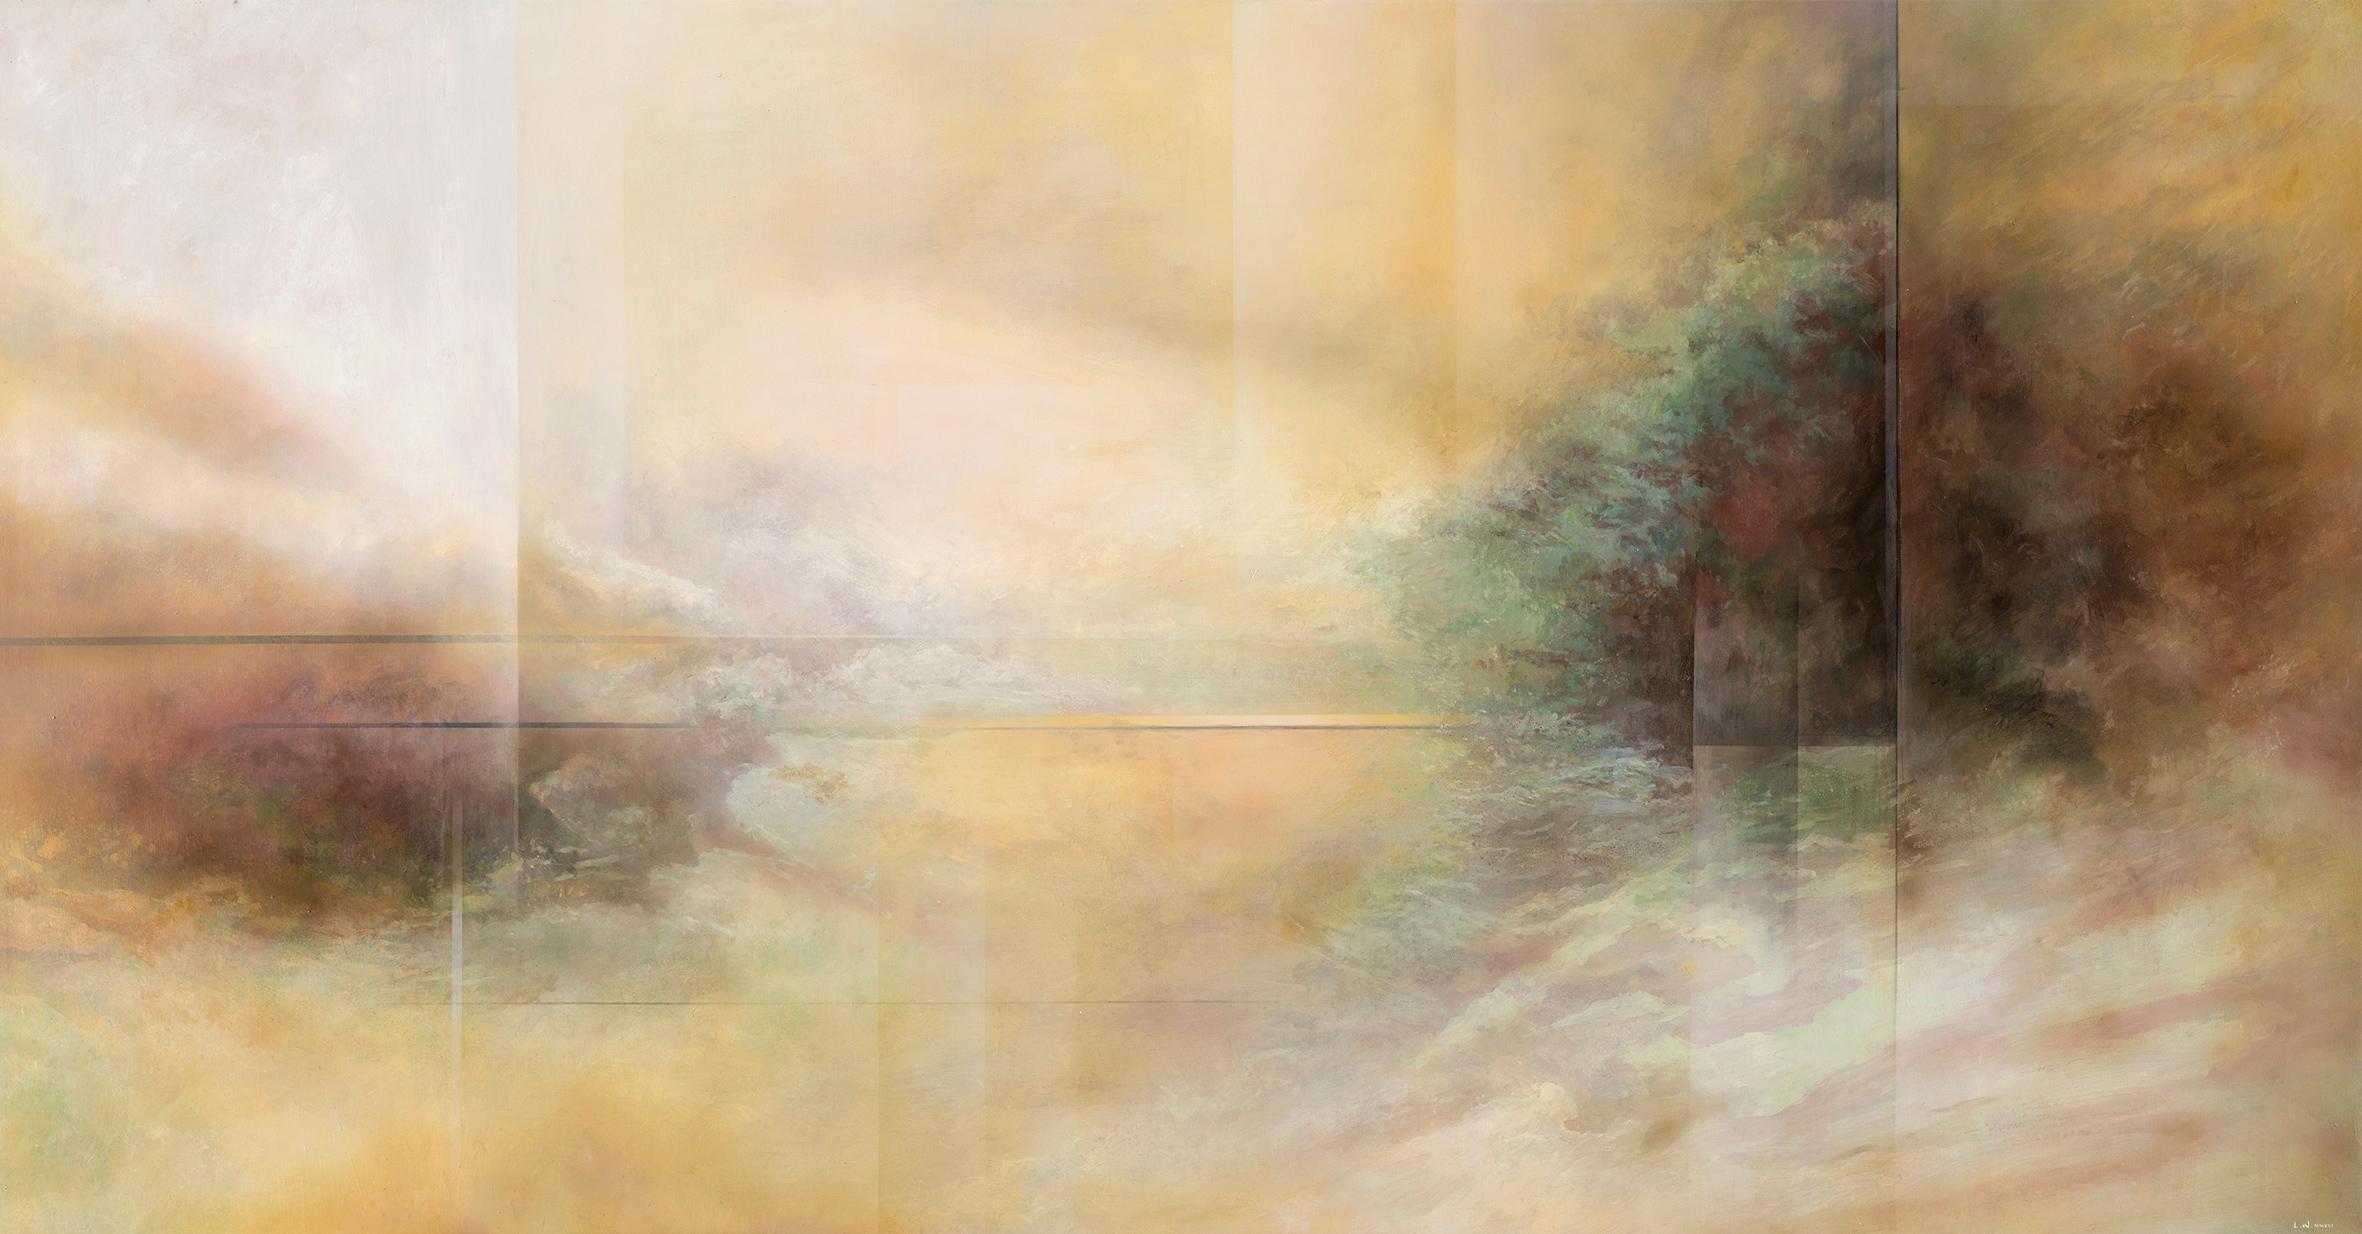 王建文  觀星者系列III—第2次文藝復興 2017 油彩畫布  161x258cm